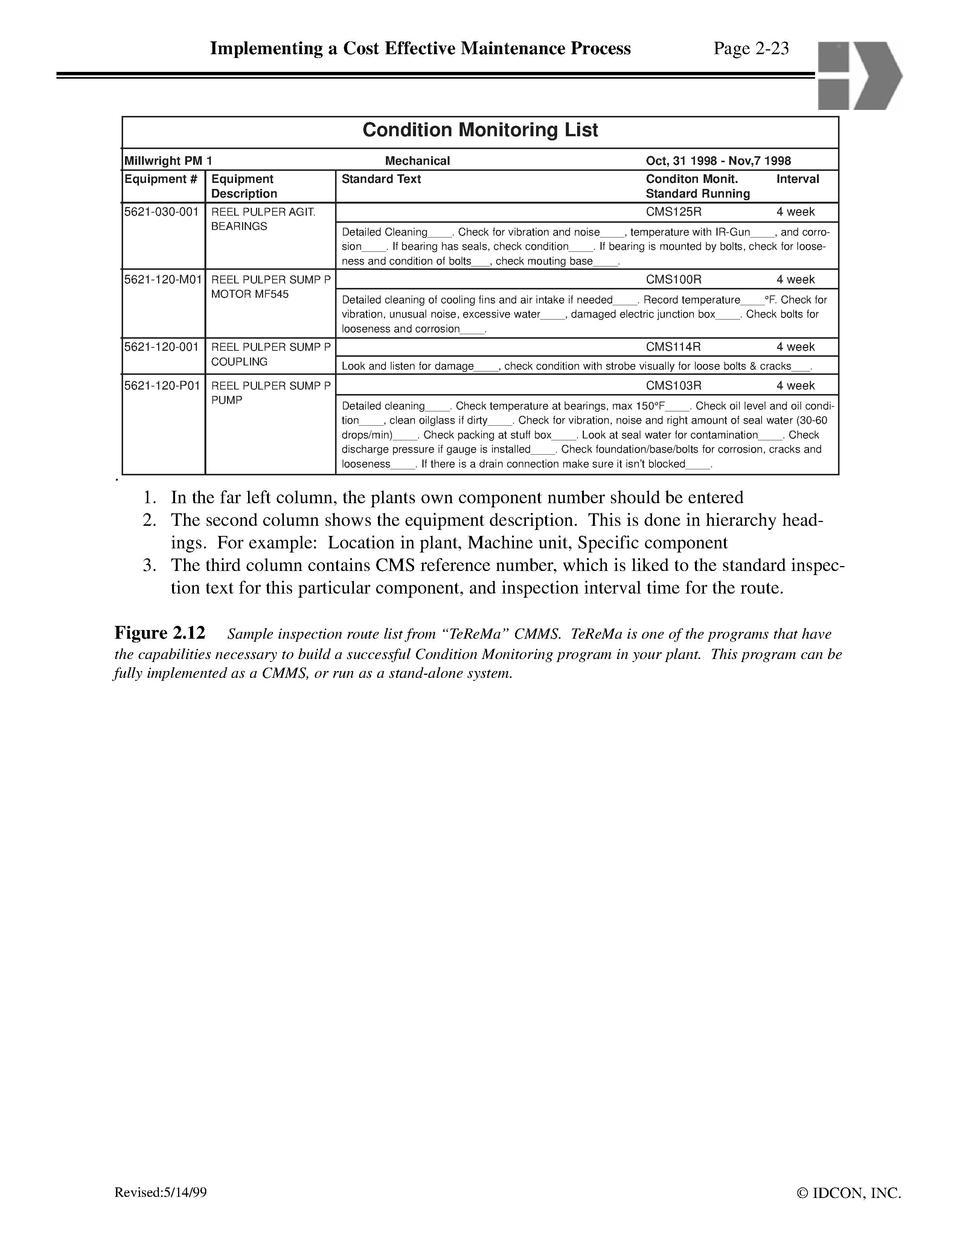 PM/ECCM : simplebooklet com